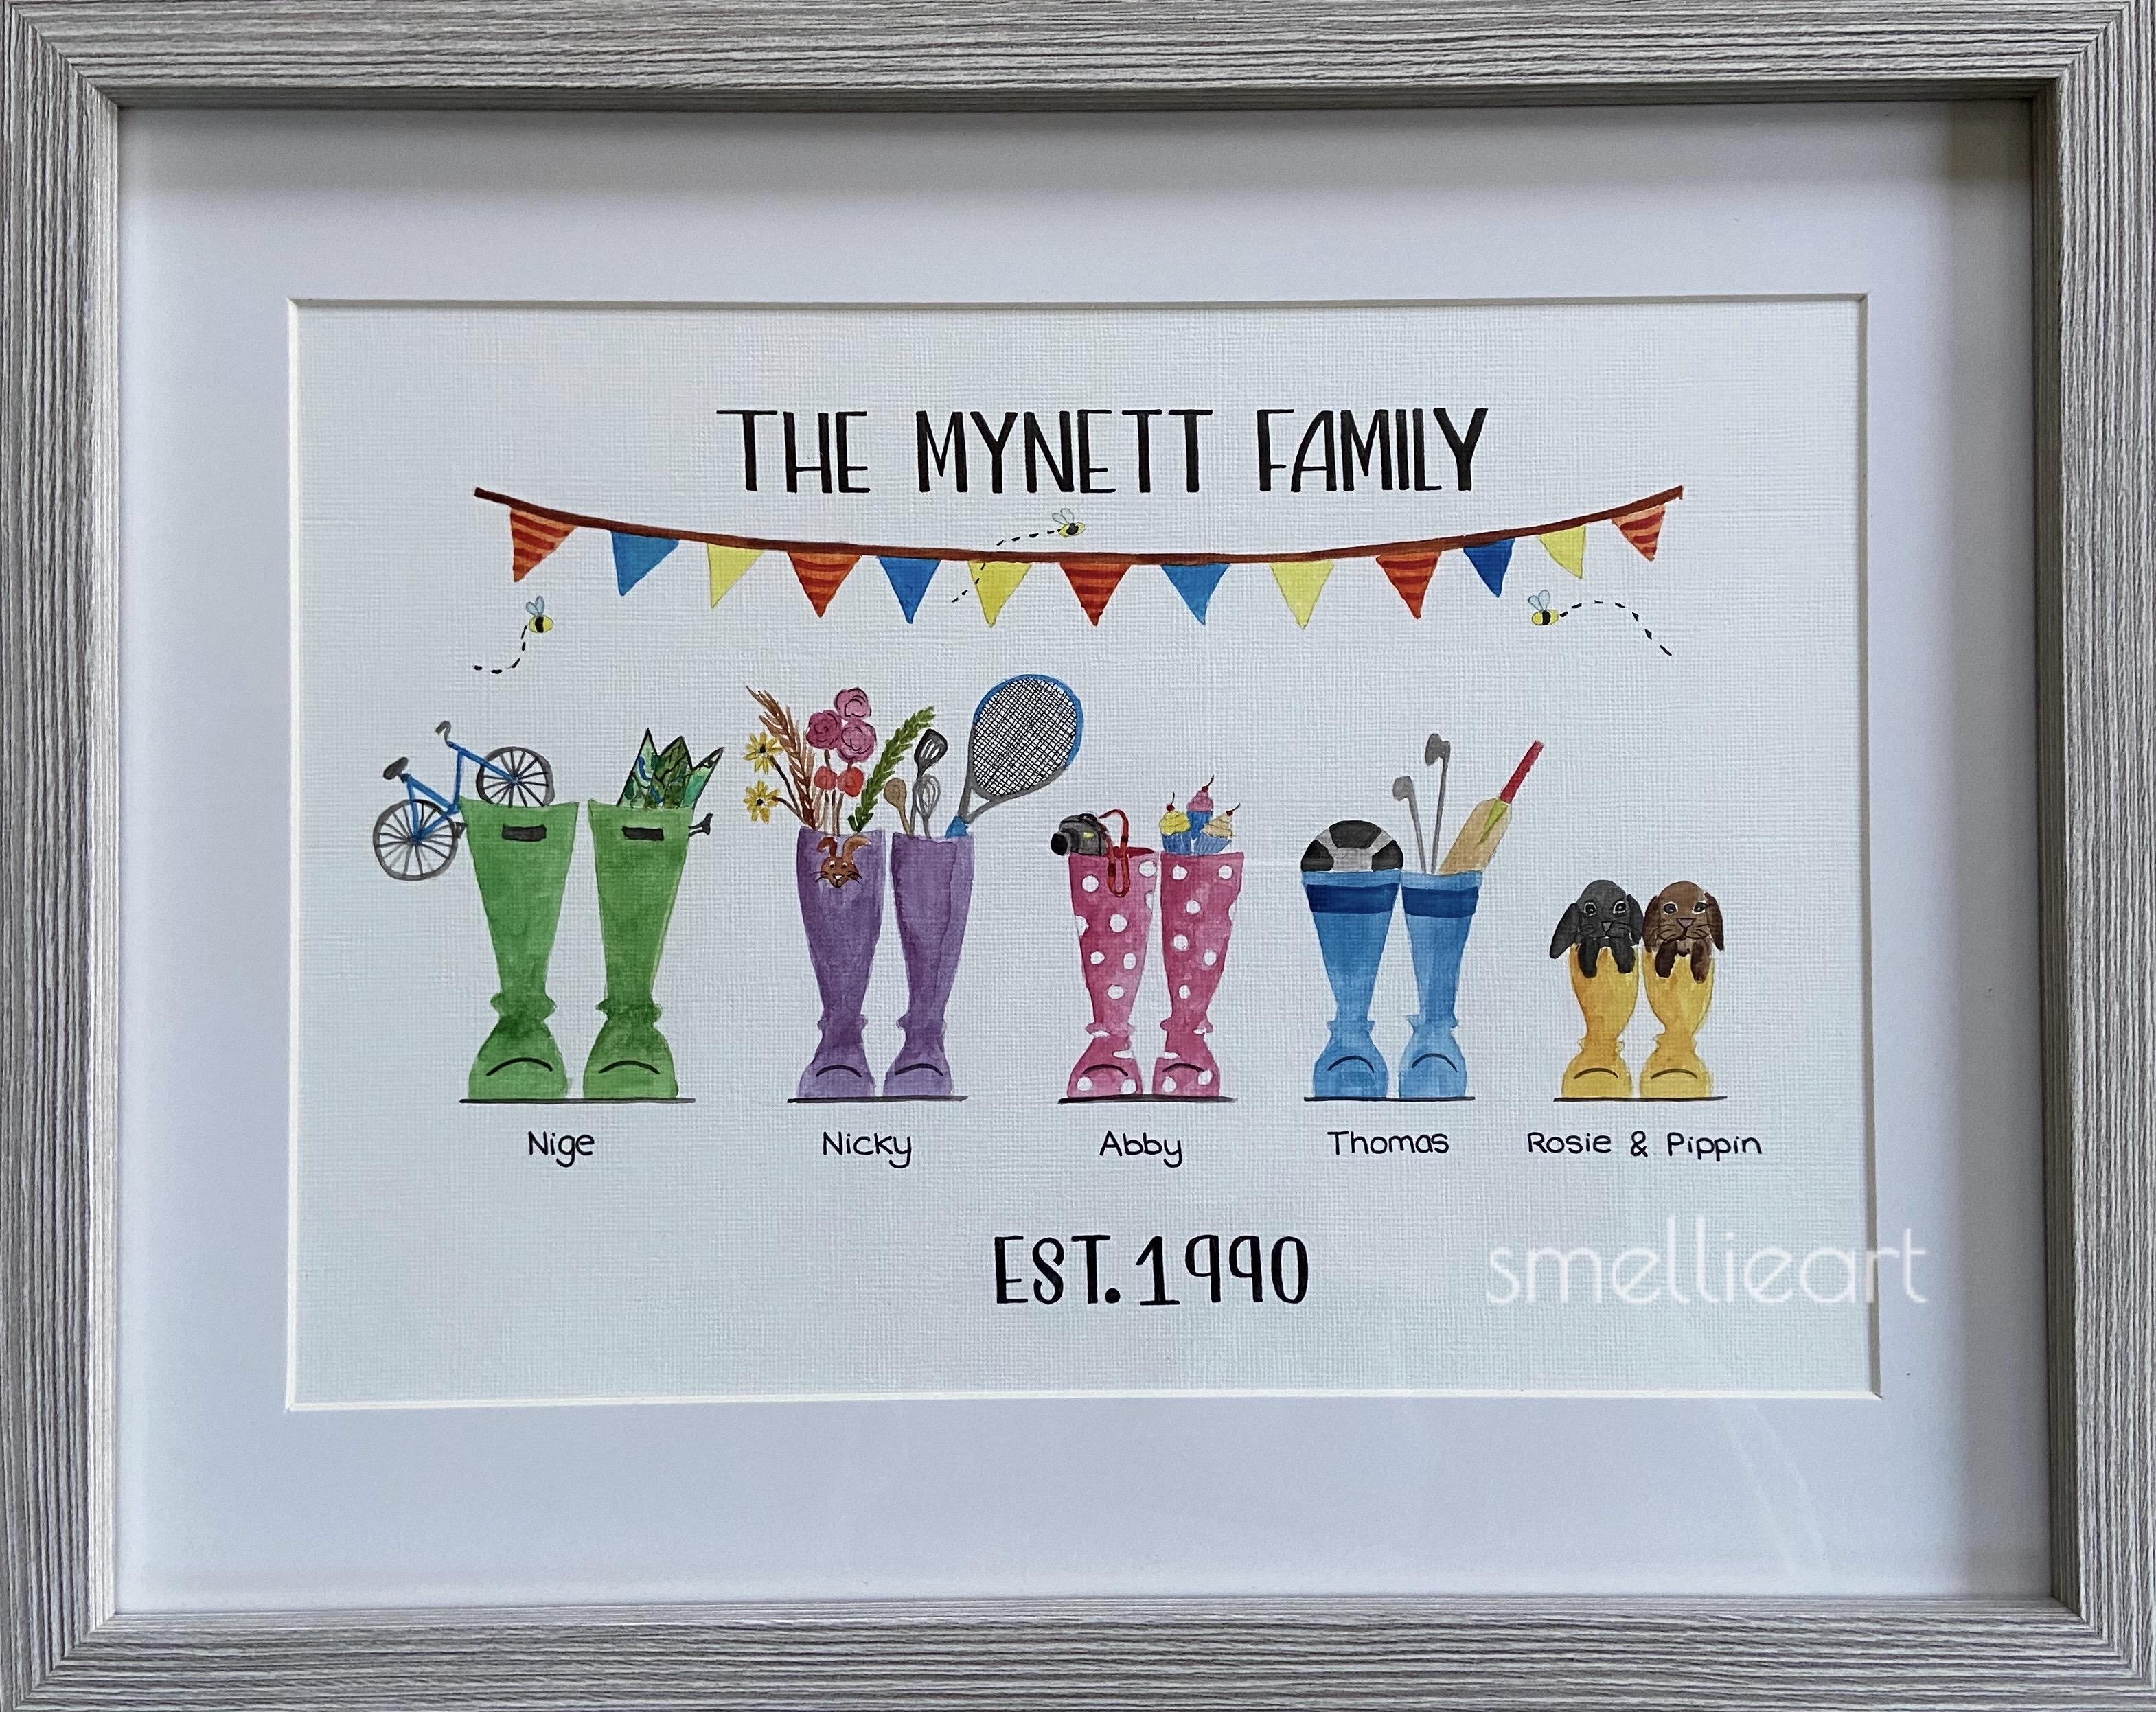 Mynett family.JPG